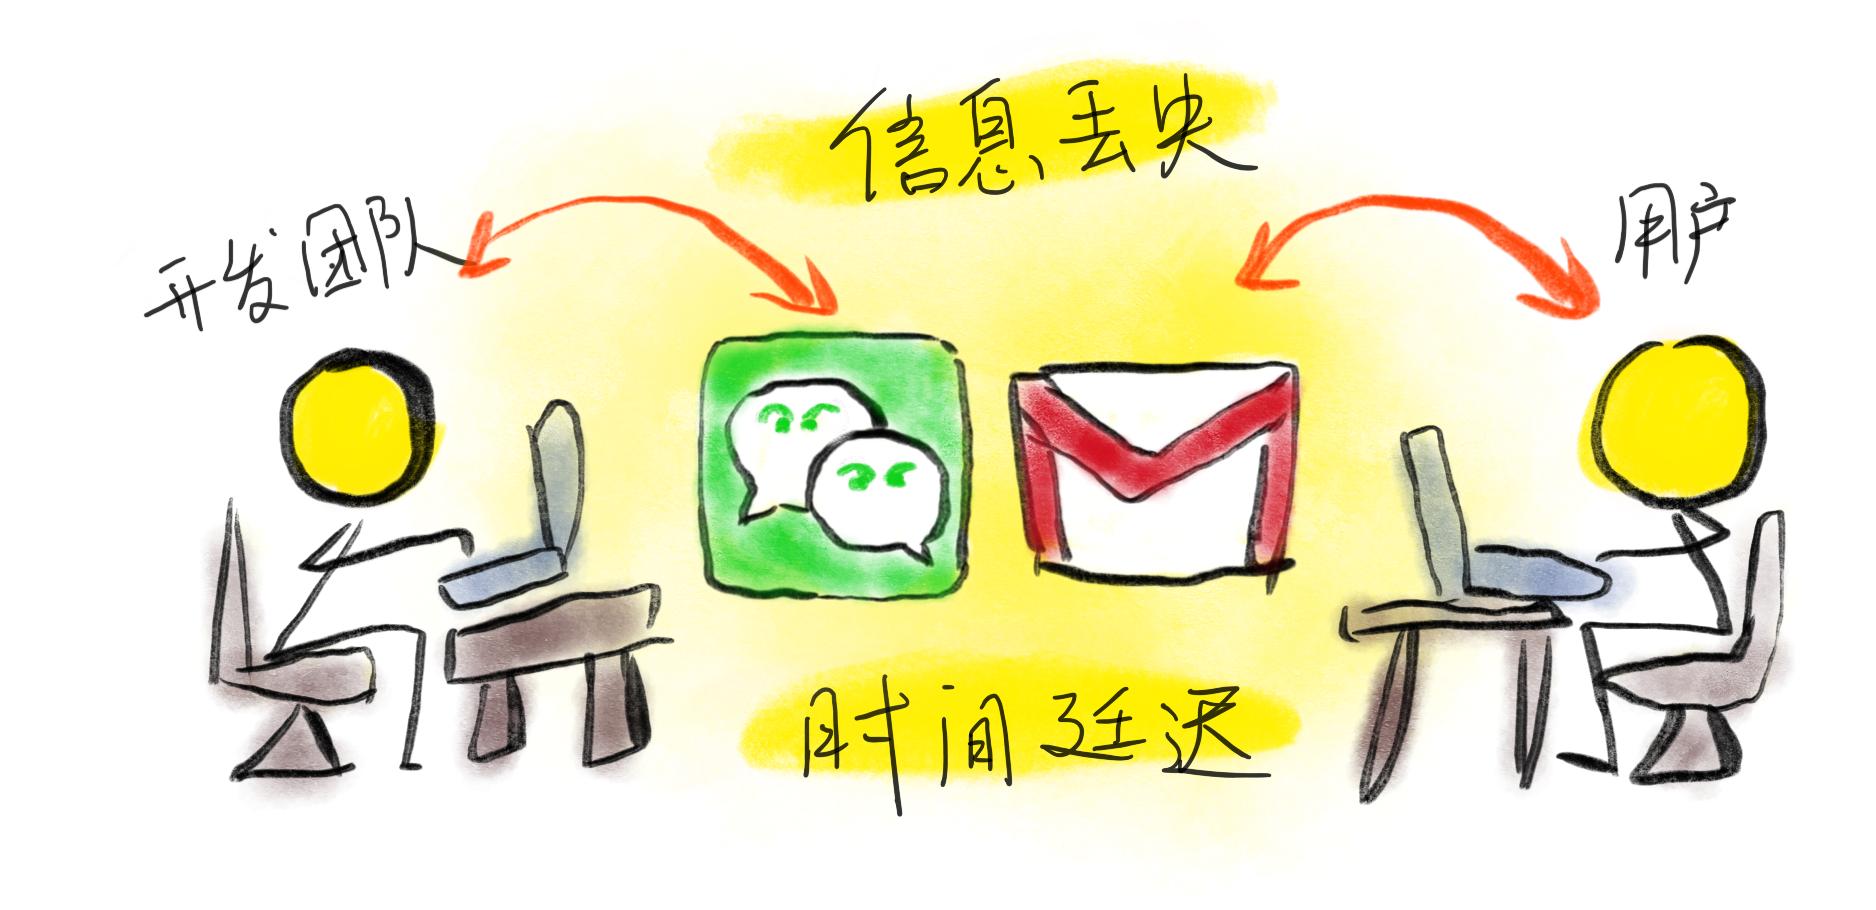 用户传递的信息转化成文字后,多数信息被损失掉了